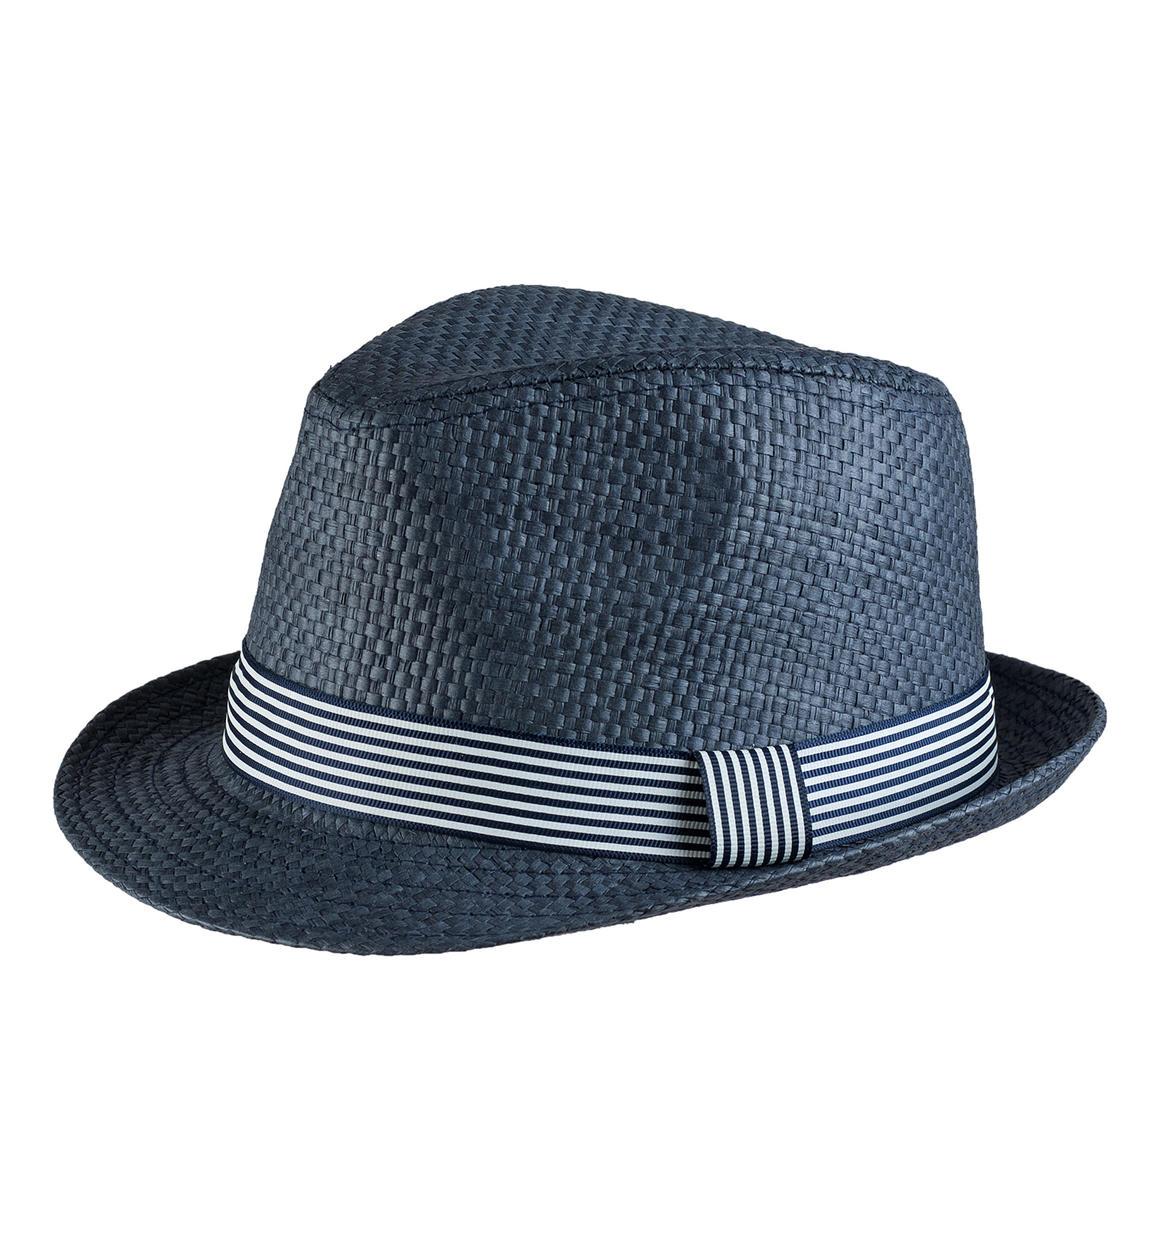 Cappello modello panama per bambino da 6 a 16 anni iDO - Accessori ... fde9d2b75d41